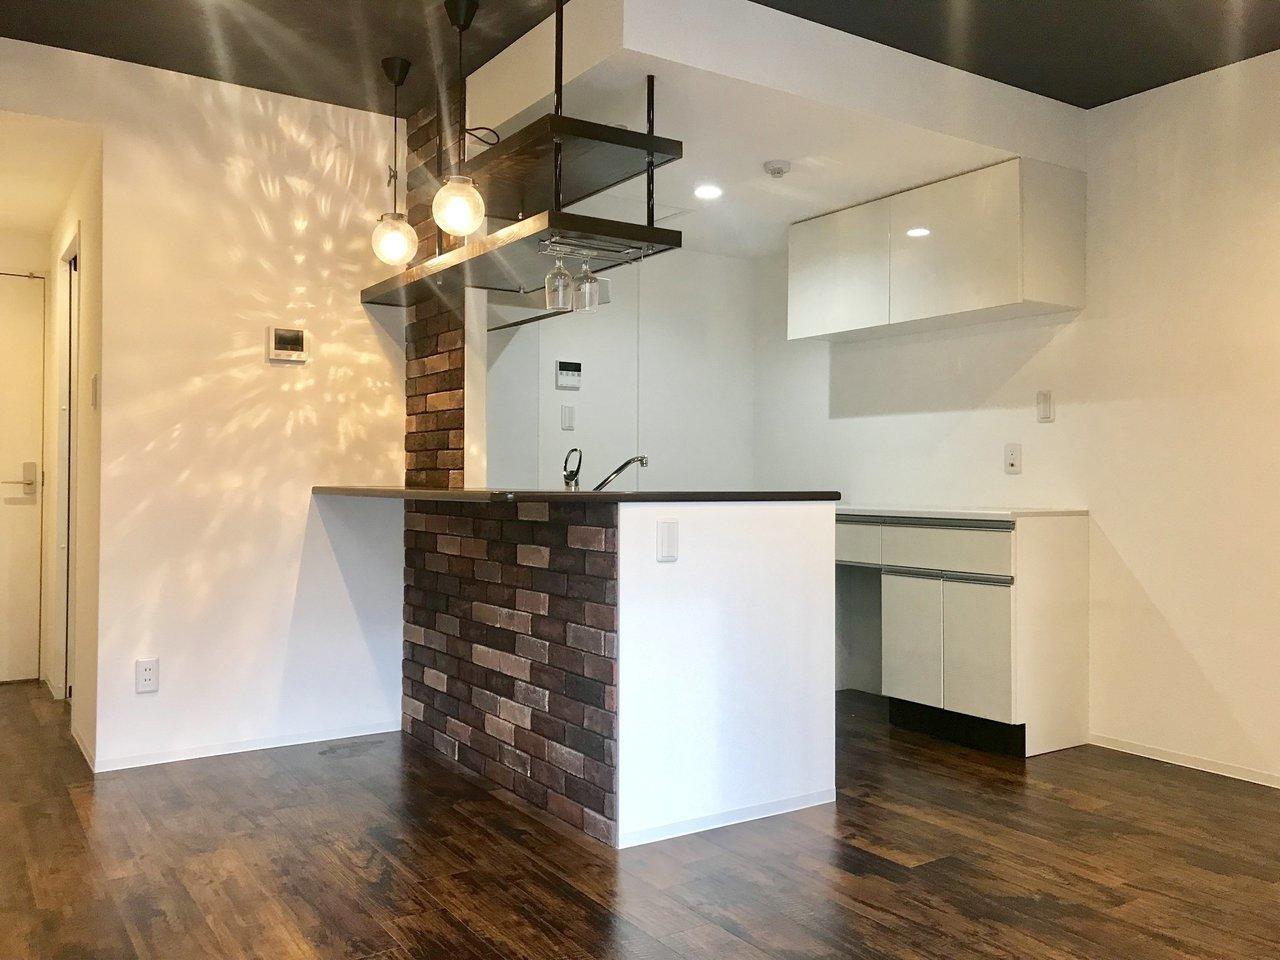 次は1LDKのお部屋。なんといってもご紹介したいのは、このおしゃれなキッチン!カウンター式になっているだけでなく、賃貸物件ではあまり見ない、ワインホルダーまでついているんです。